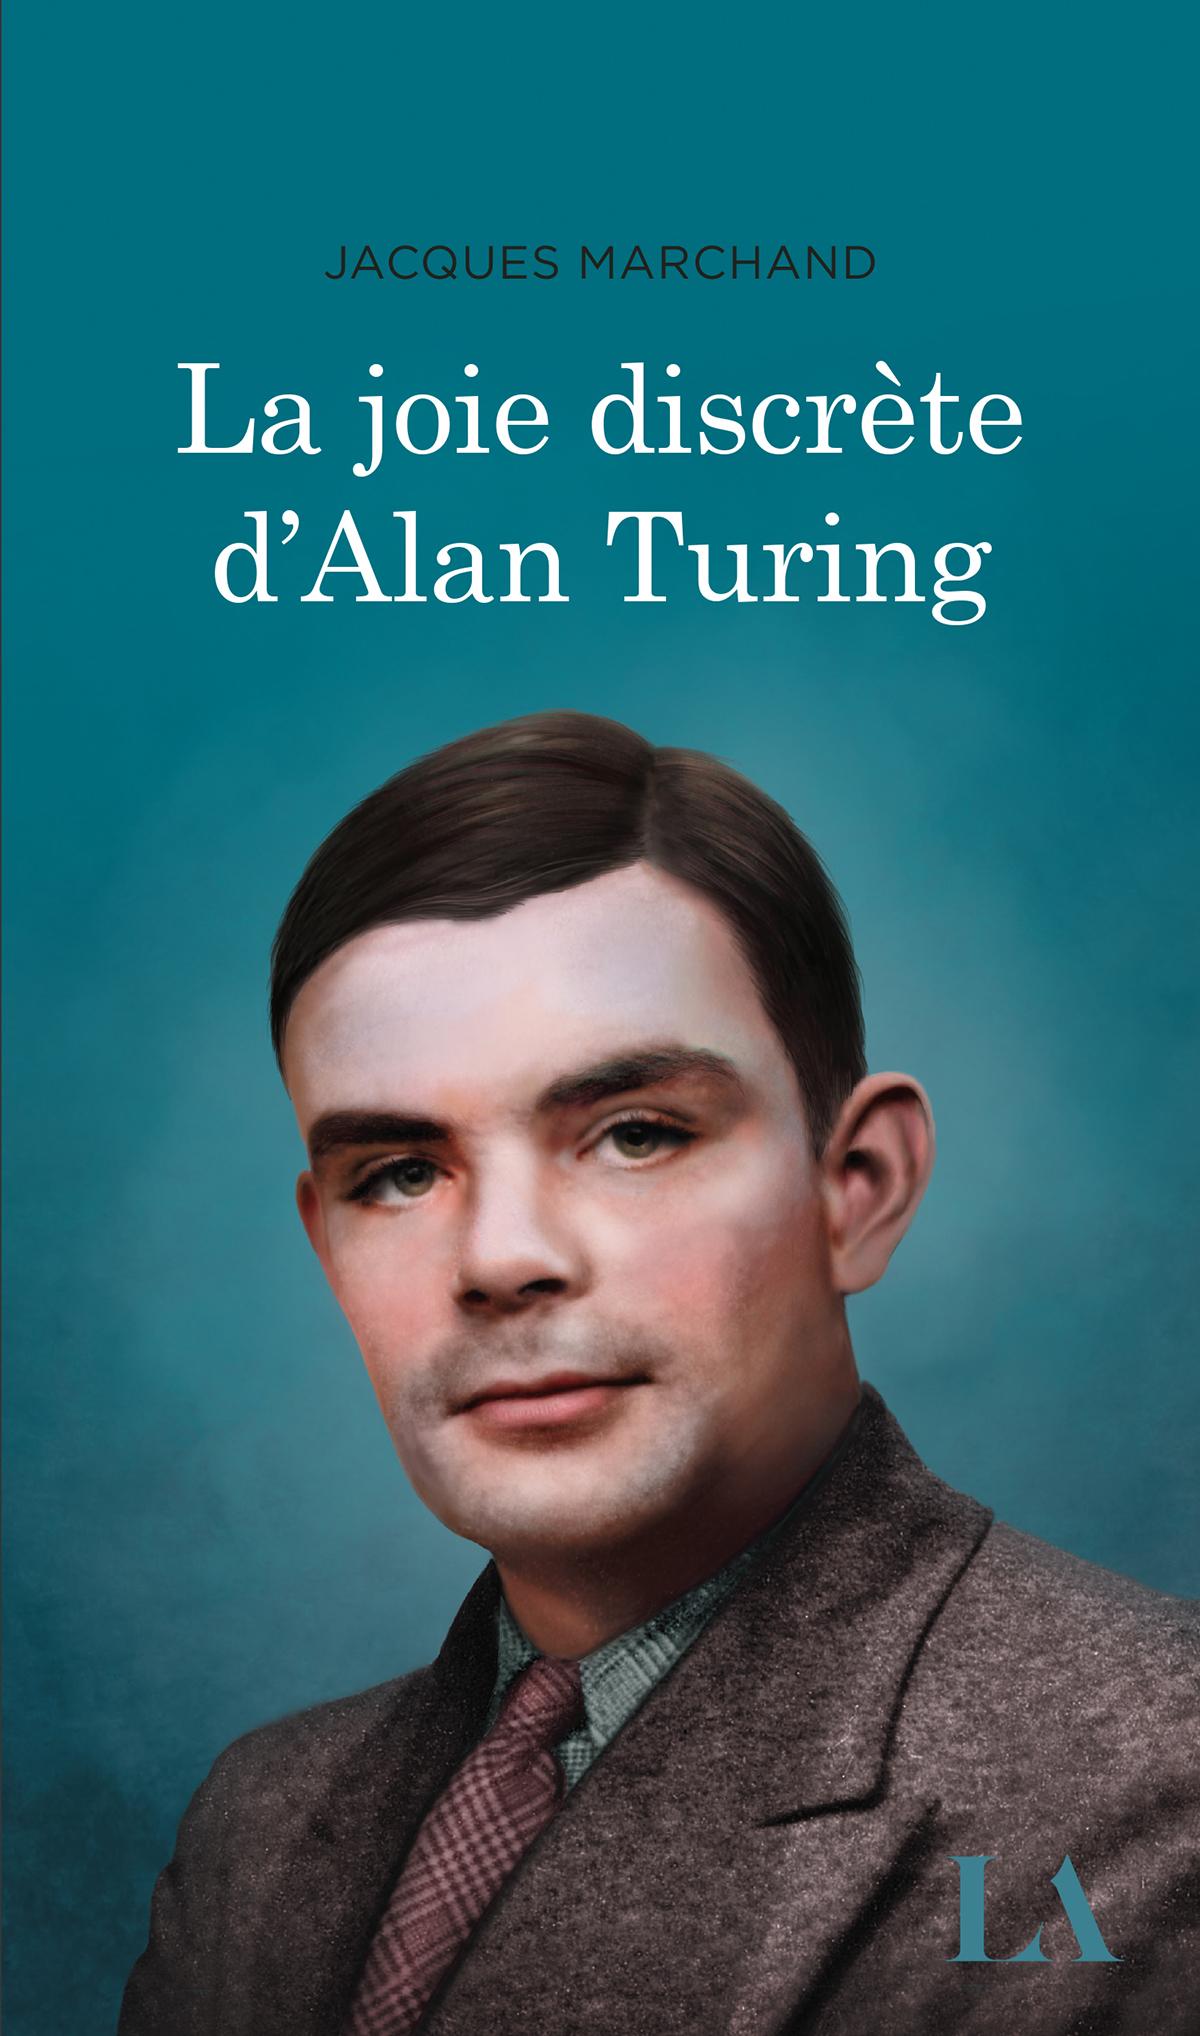 La joie discrète d'Alan Turing